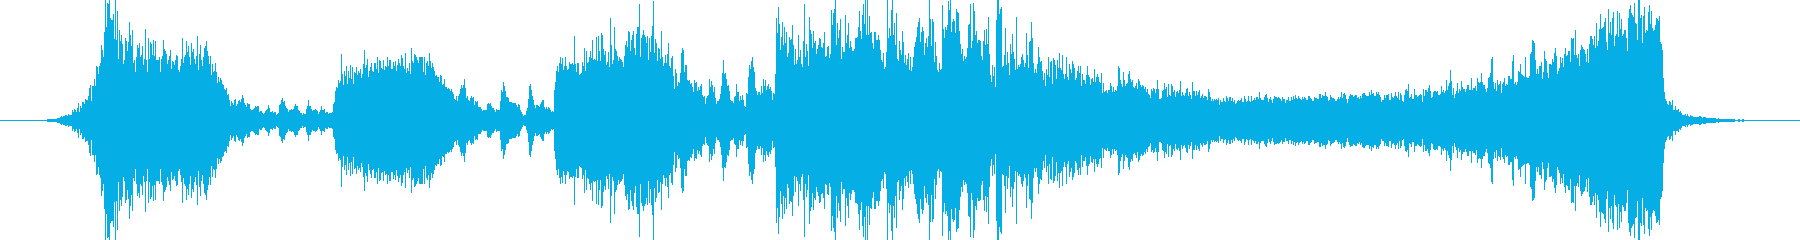 30秒CM、広告 現代オーケストラ の再生済みの波形